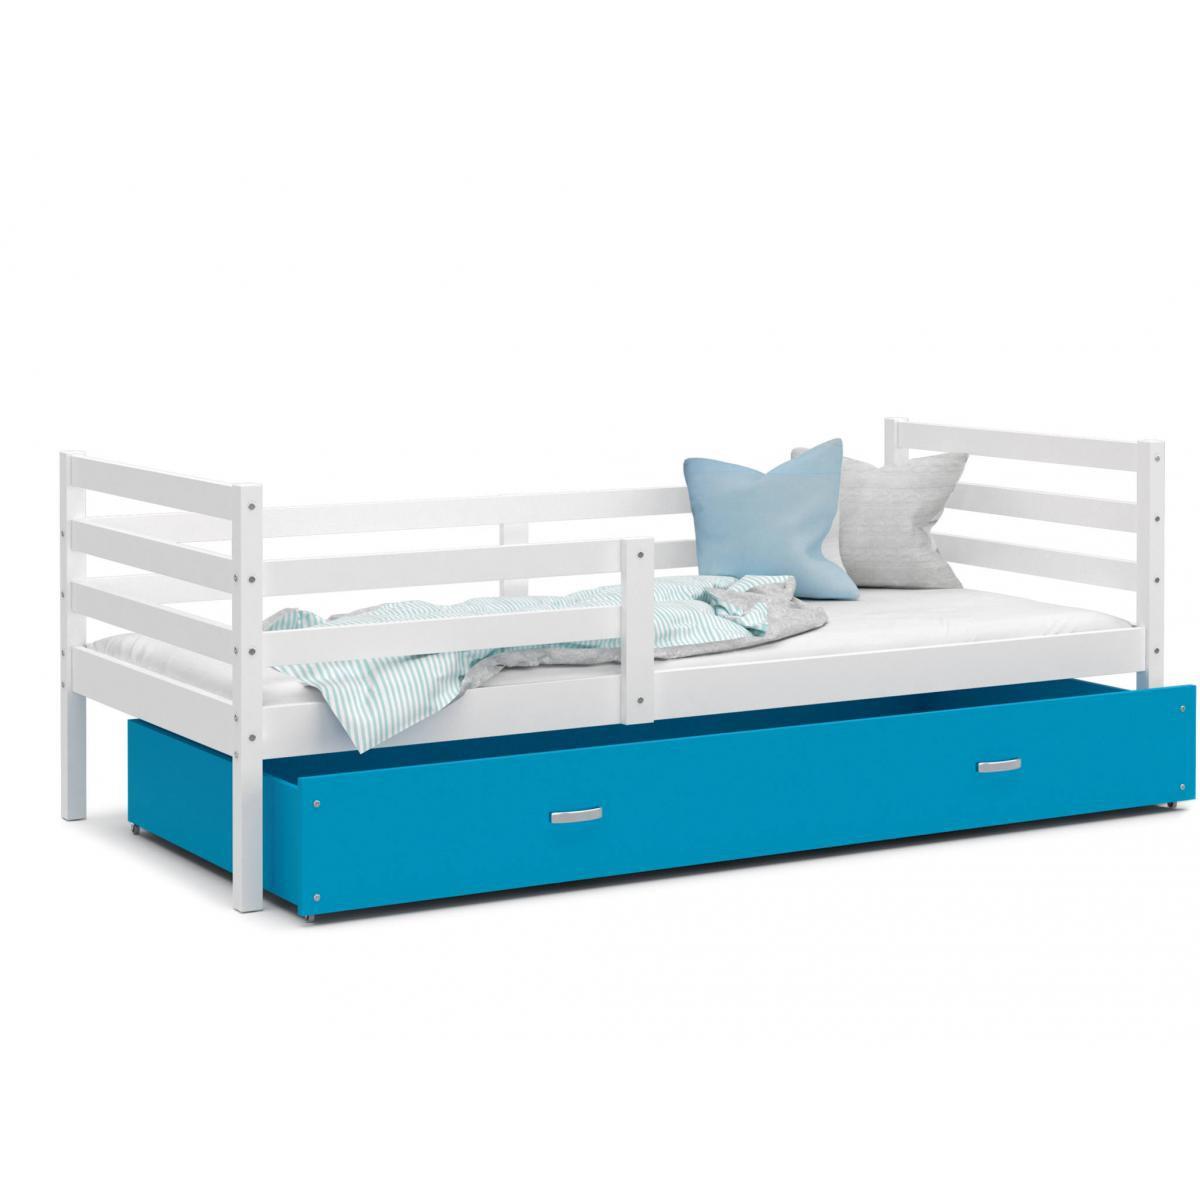 Kids Literie LIT Enfant Milo 90x190 Blanc - Bleu livré avec sommier, tiroir et matelas de 7cm OFFERT.